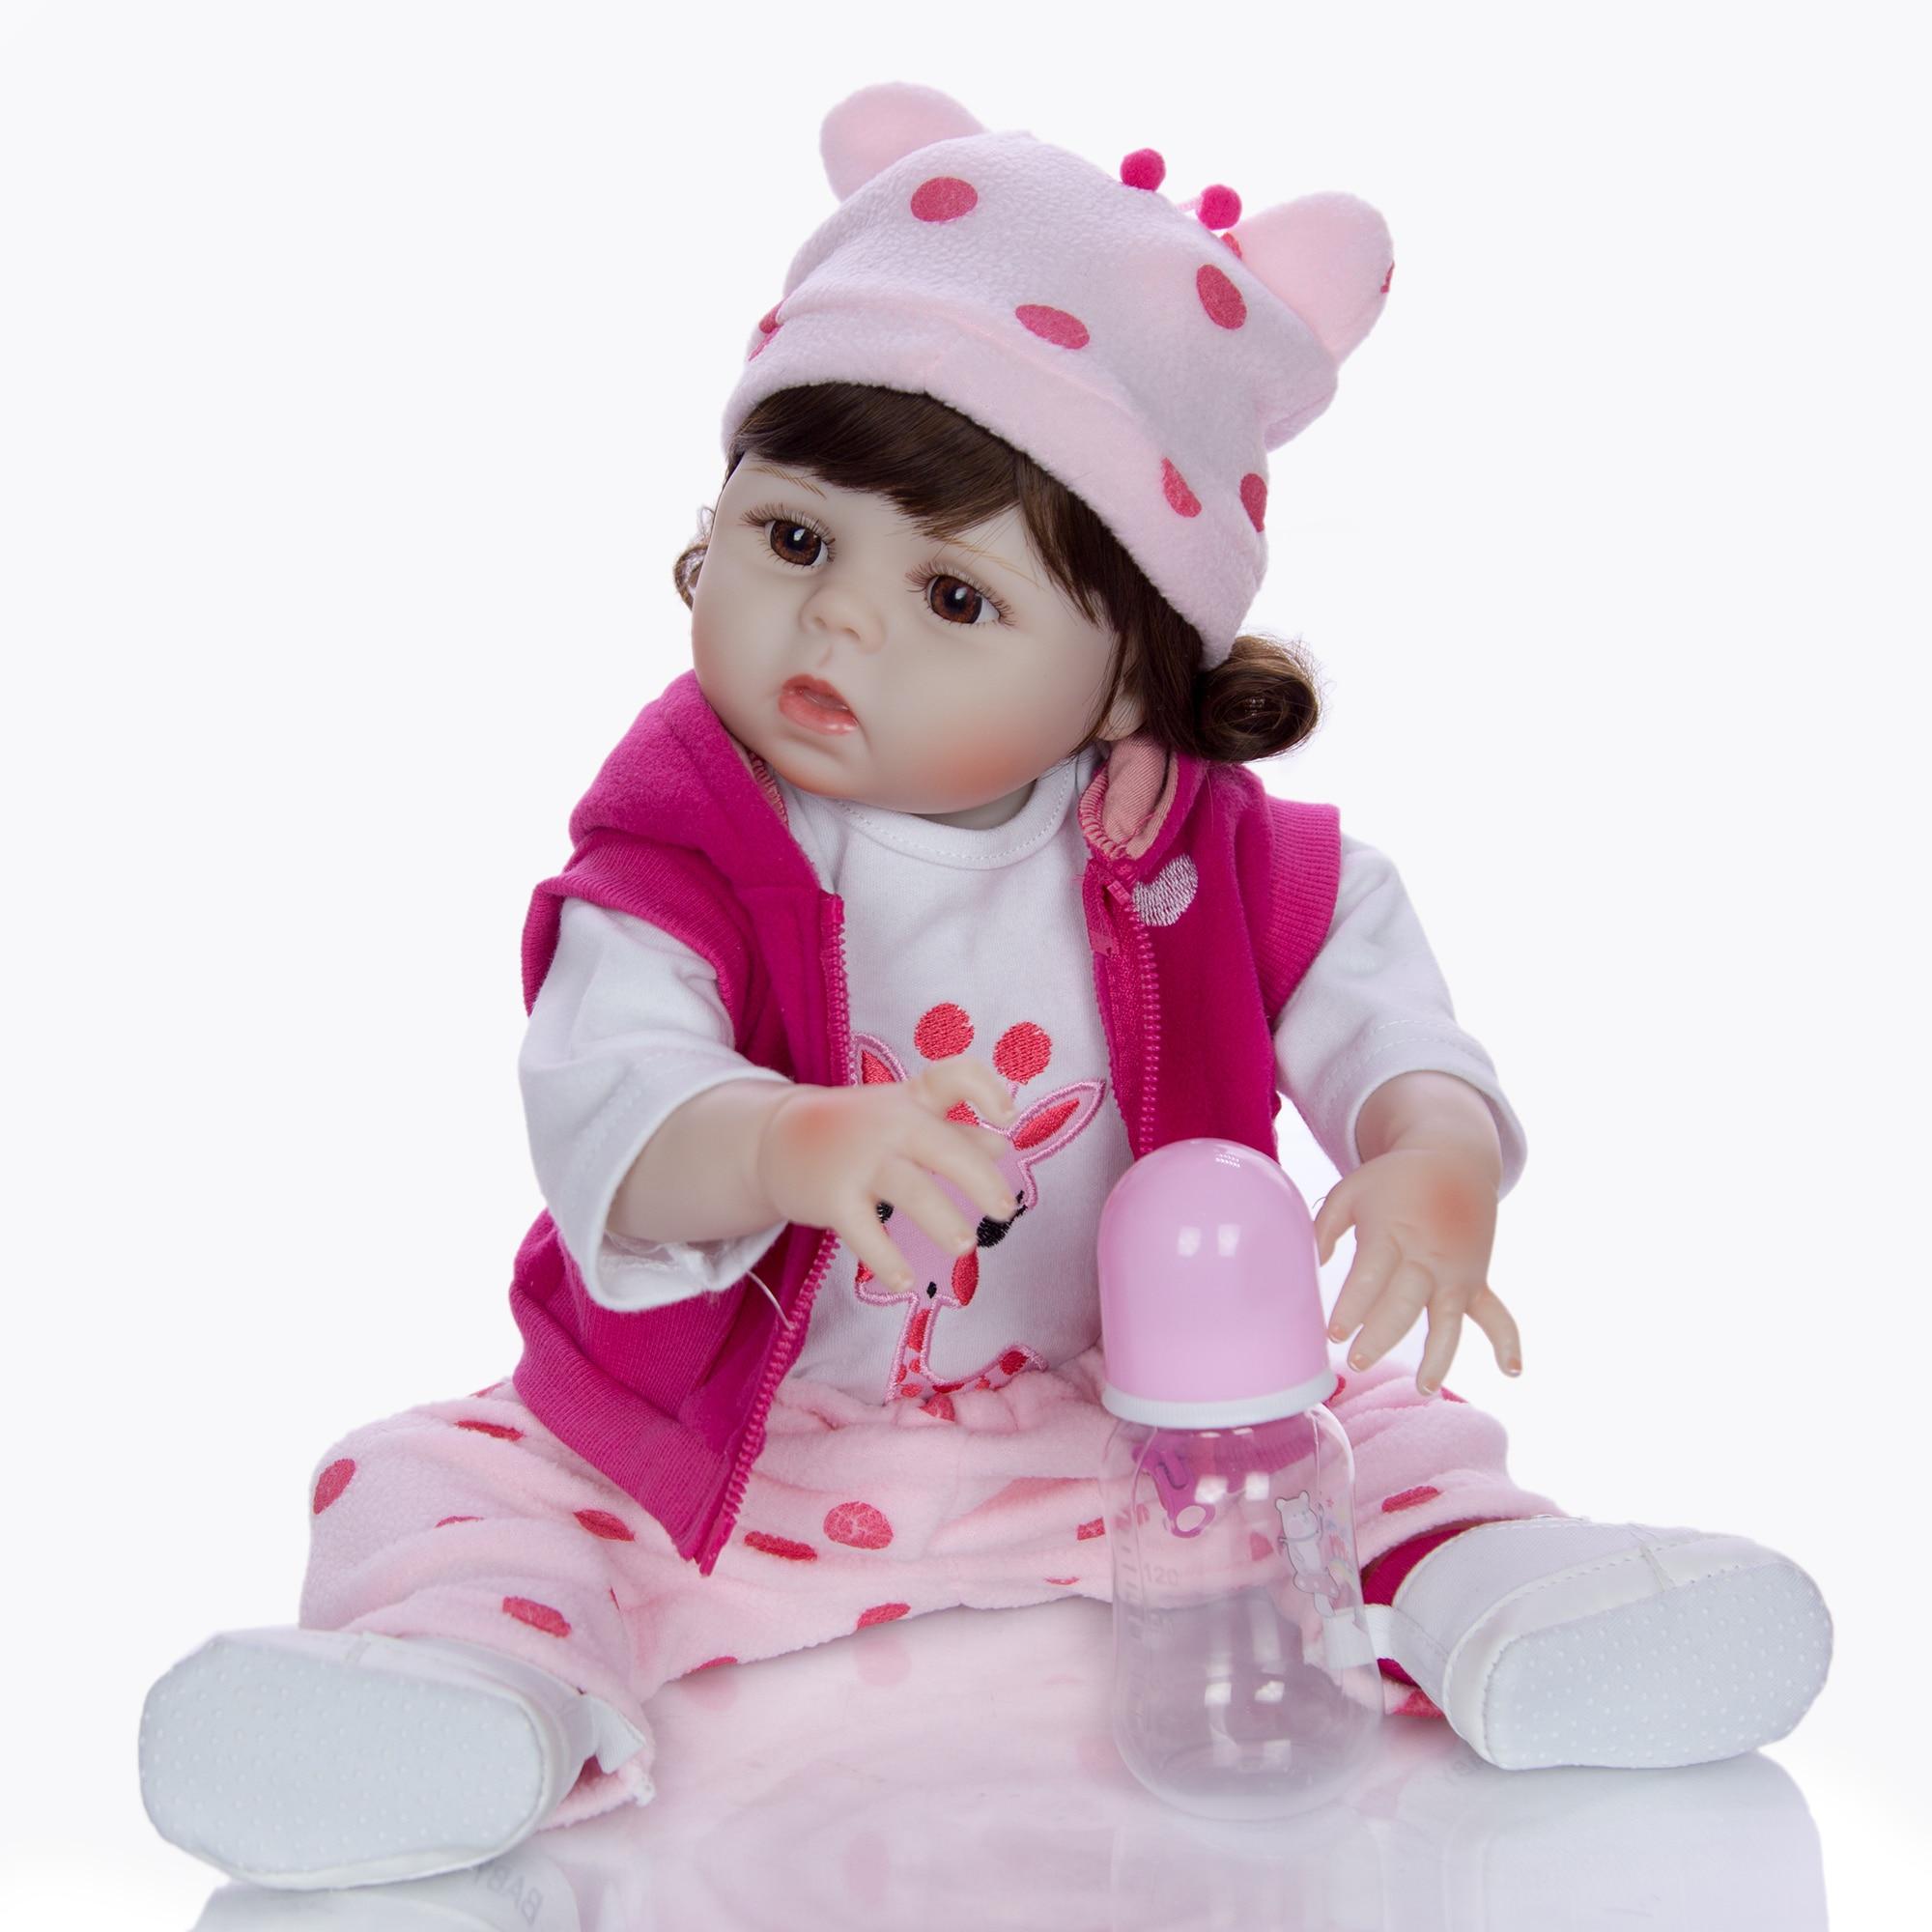 19 ''48 CM de silicona de cuerpo completo Reborn bebés muñeca baño juguete realista recién nacido princesa bebé muñeca Boneca Bebes Reborn niña chico juguete-in Muñecas from Juguetes y pasatiempos    2